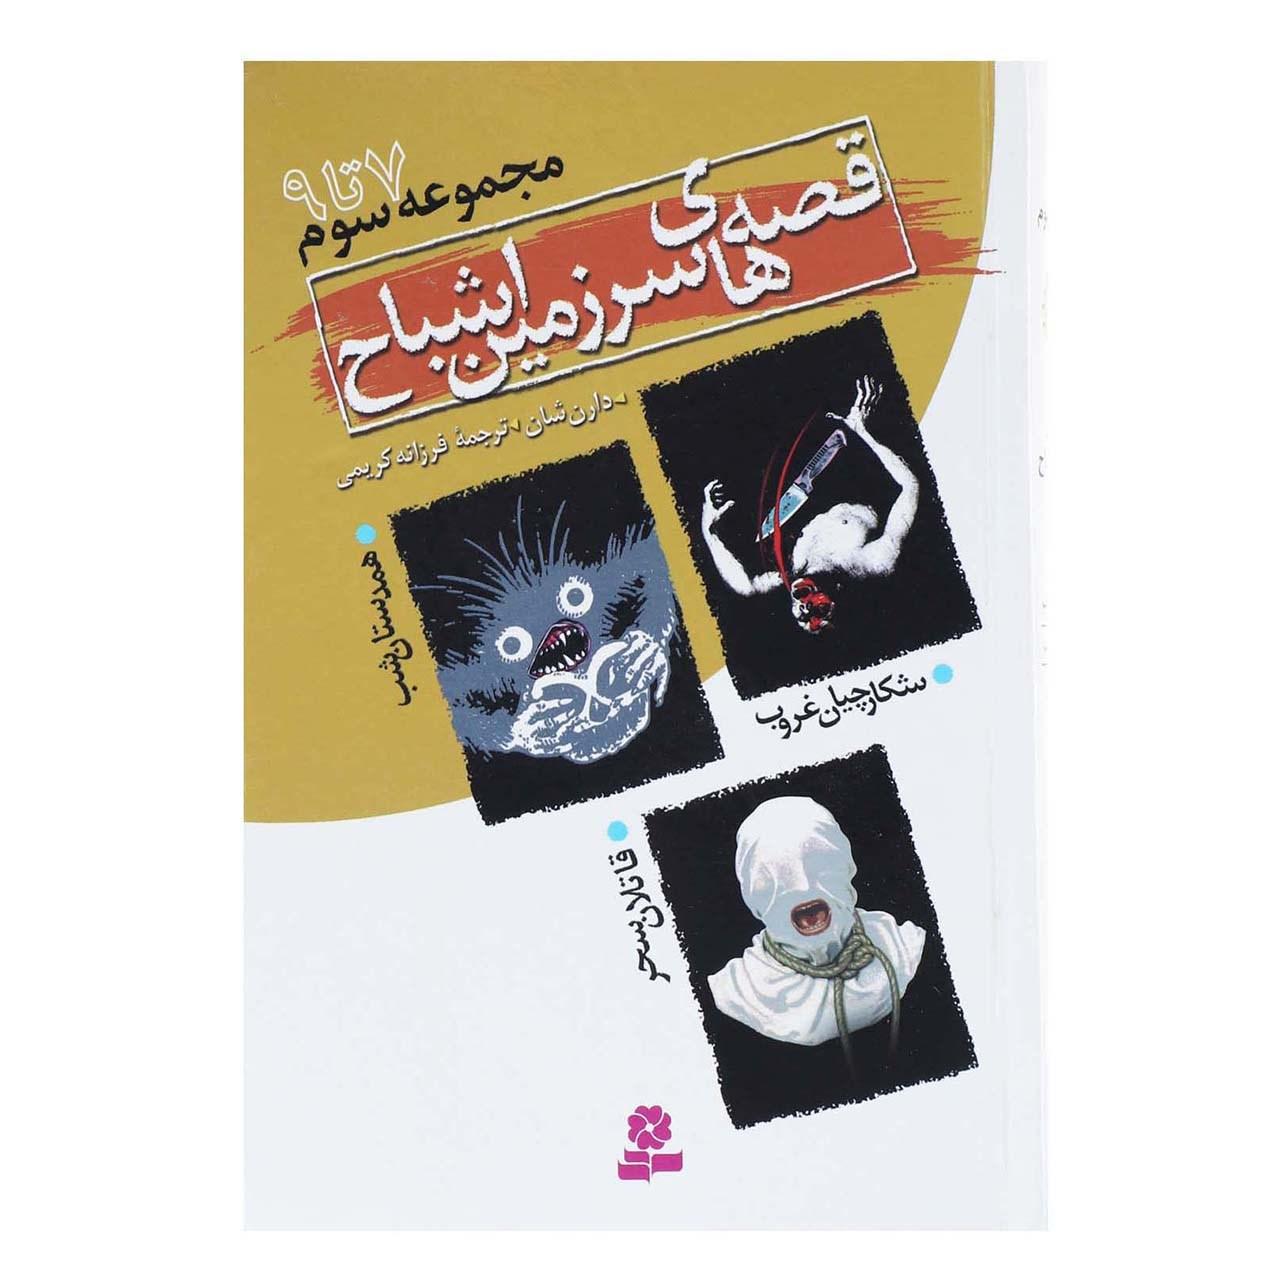 کتاب قصه های سرزمین اشباح مجموعه سوم اثر دارن شان